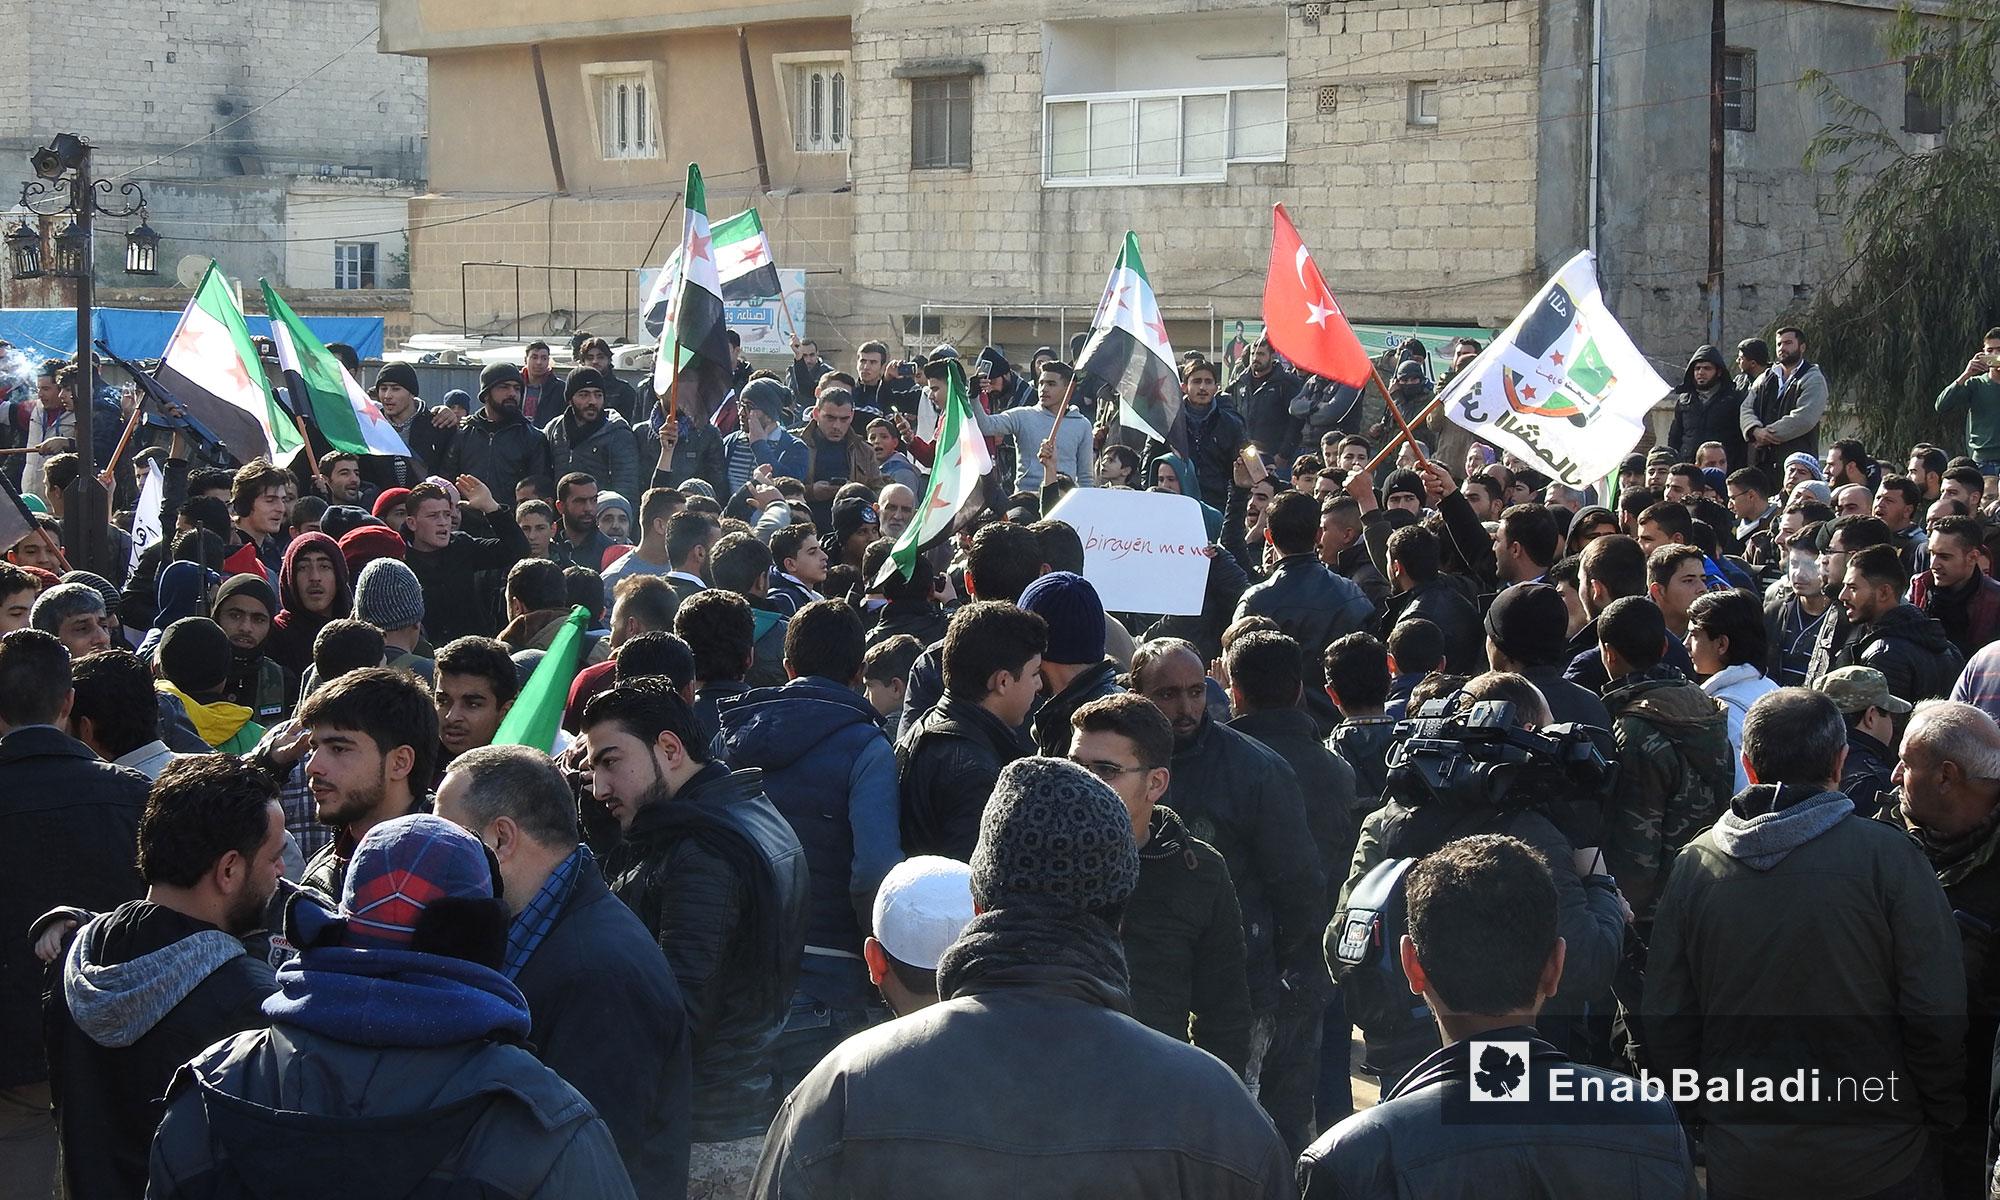 مظاهرة في مدينة اعزاز بريف حلب تأييدا للعمل العسكري من قبل الجيش الحر باتجاه منطقة عفرين بدعم تركي - 19 كانون الثاني 2018 (عنب بلدي)